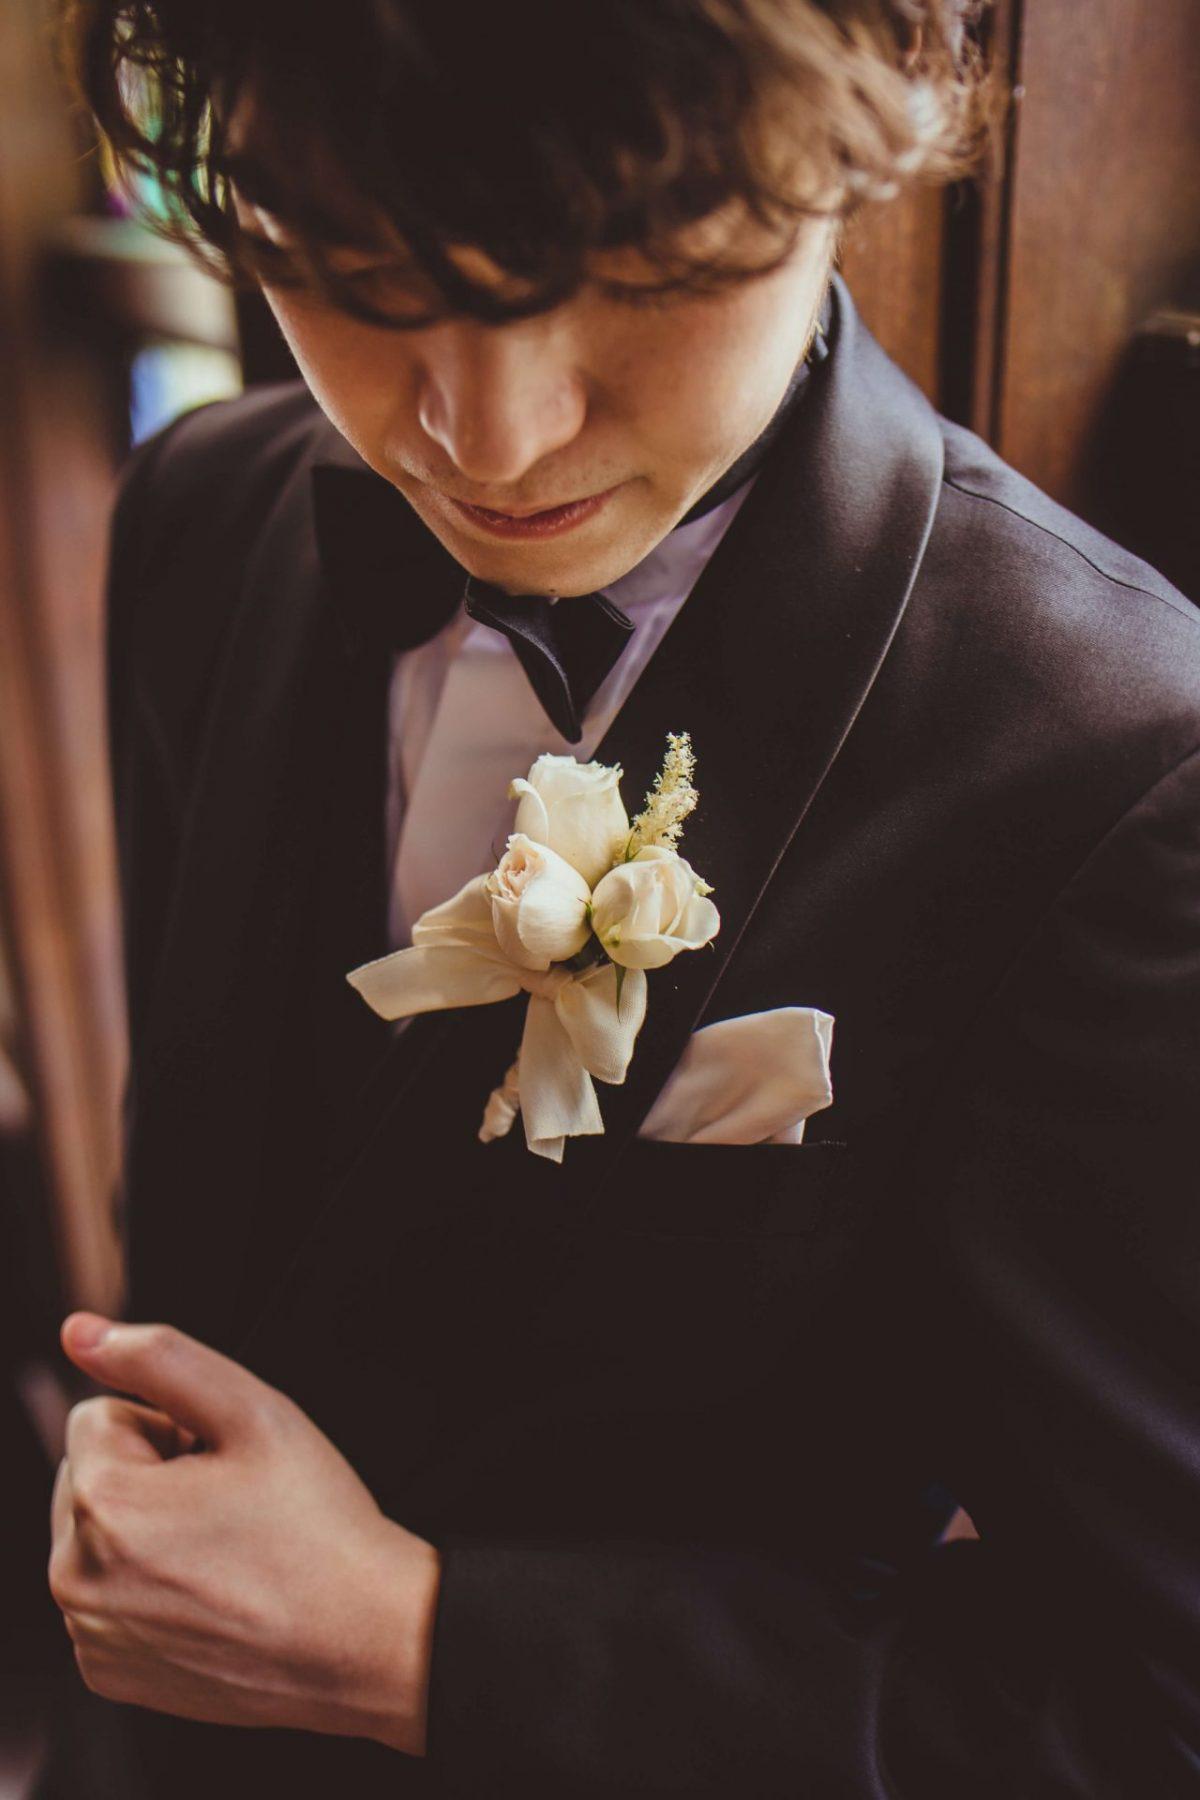 赤坂プリンスクラシックハウスで結婚式を行ったご新郎様がお選びになったのは、ザ トリート ドレッシングのトラディショナルなブラックのタキシード